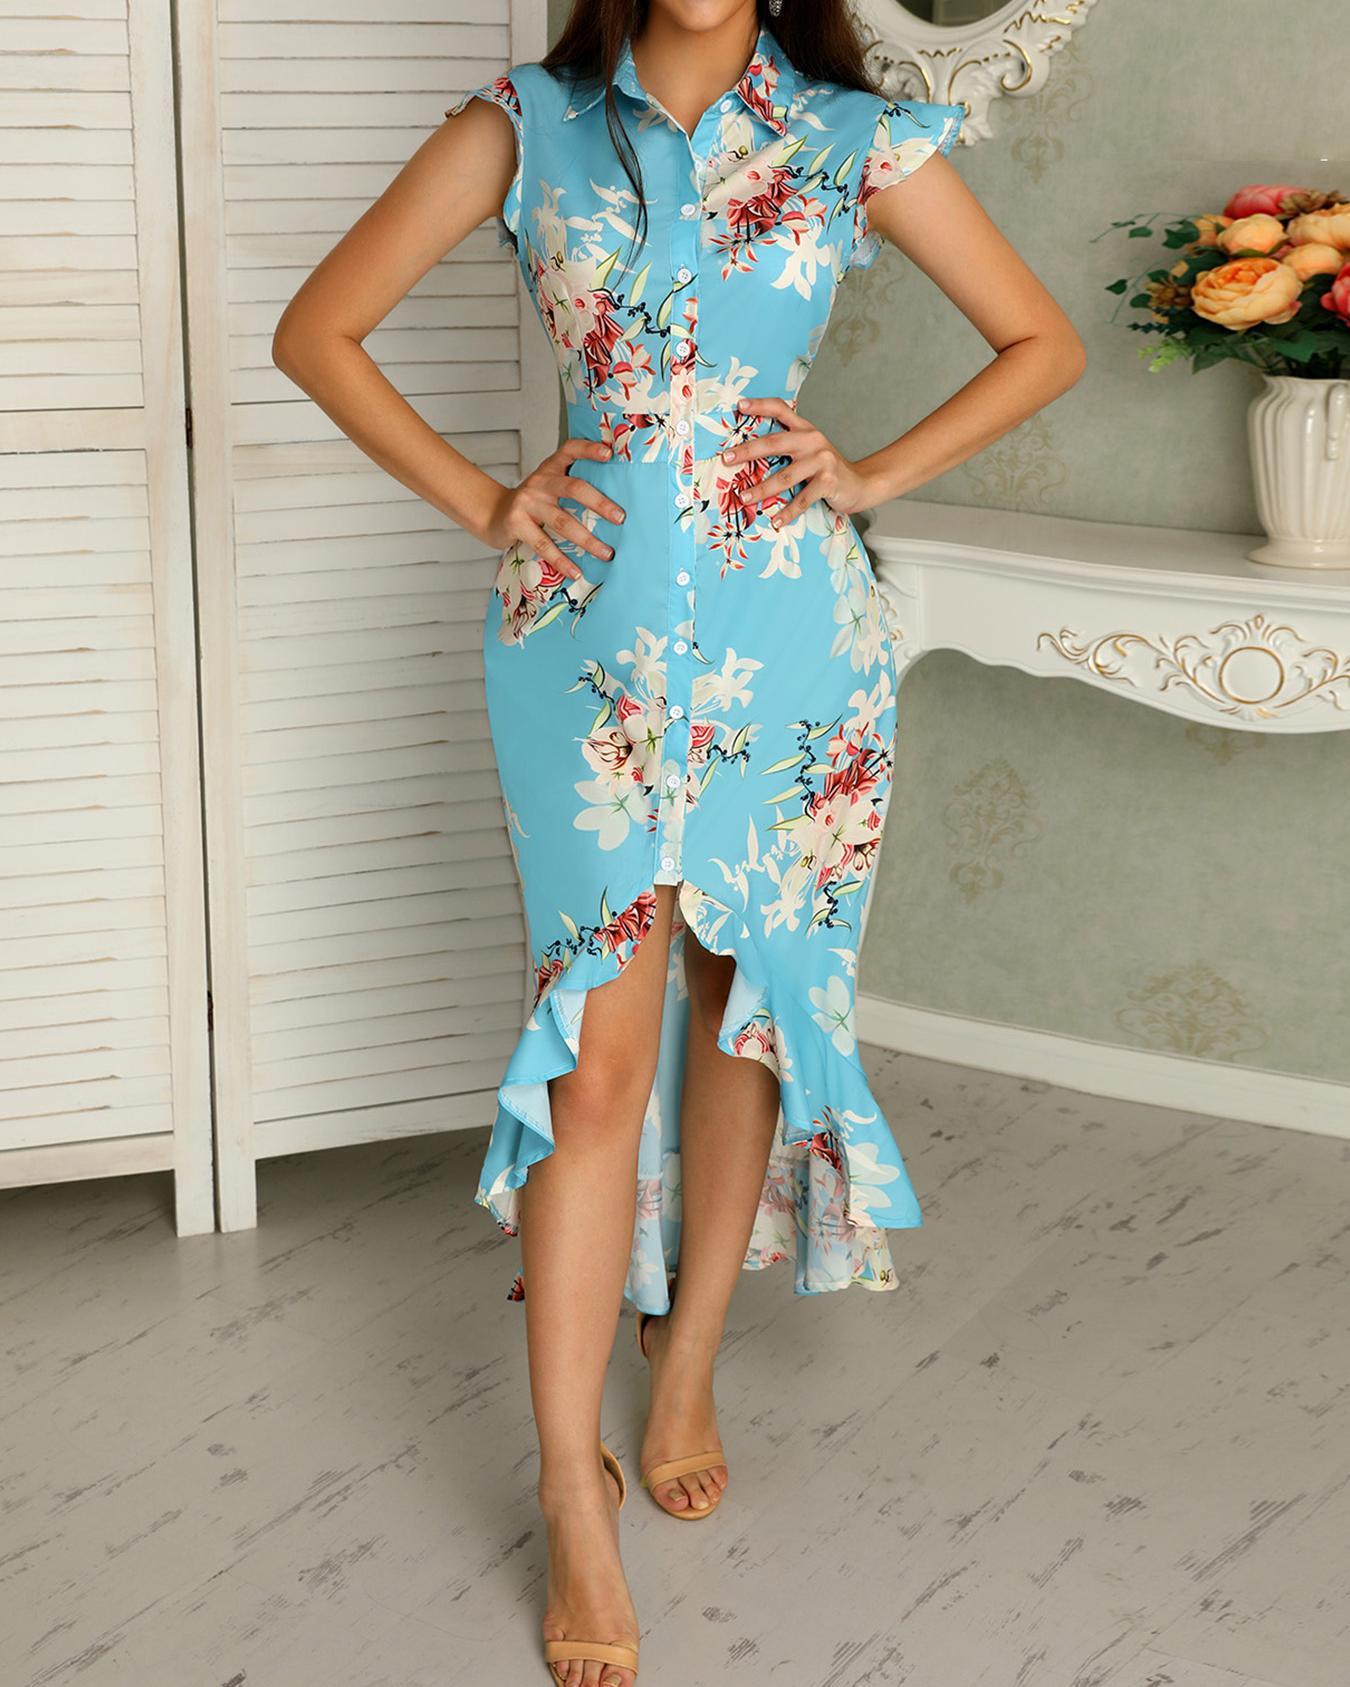 boutiquefeel / Vestido maxi estampado con volantes y estampado floral